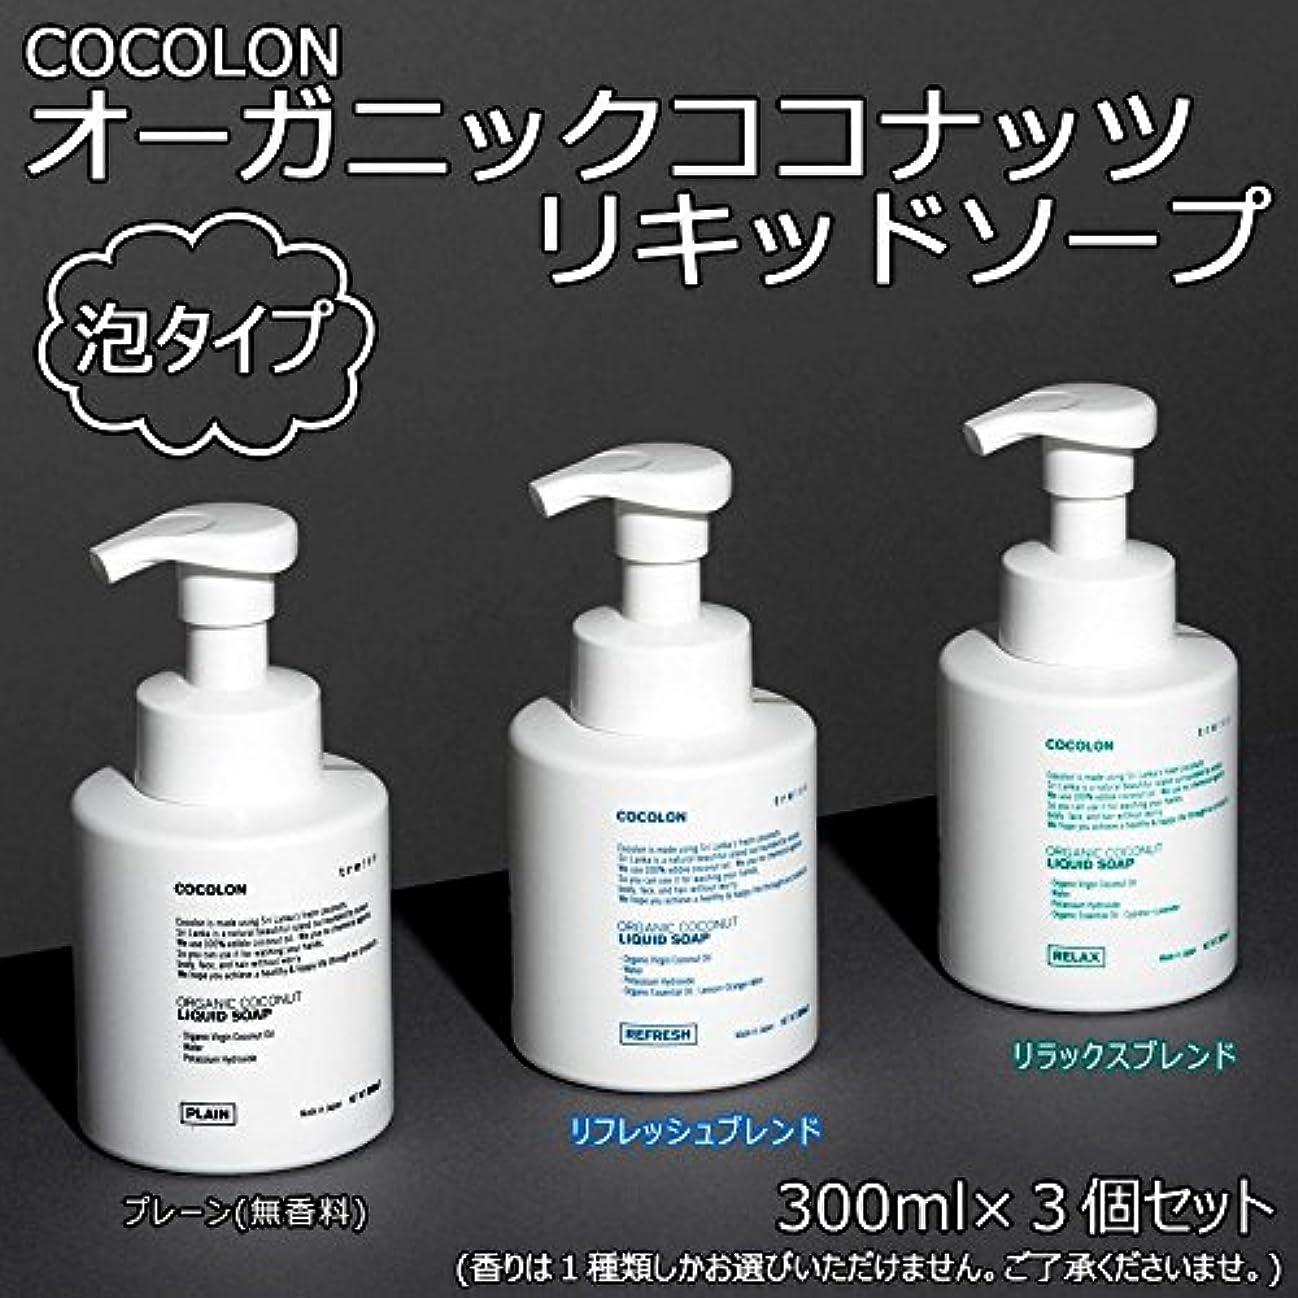 ハイランドイサカ発信COCOLON ココロン オーガニックココナッツリキッドソープ 泡タイプ 300ml 3個セット【同梱?代引不可】 ■3種類の内「リラックスブレンド」のみです